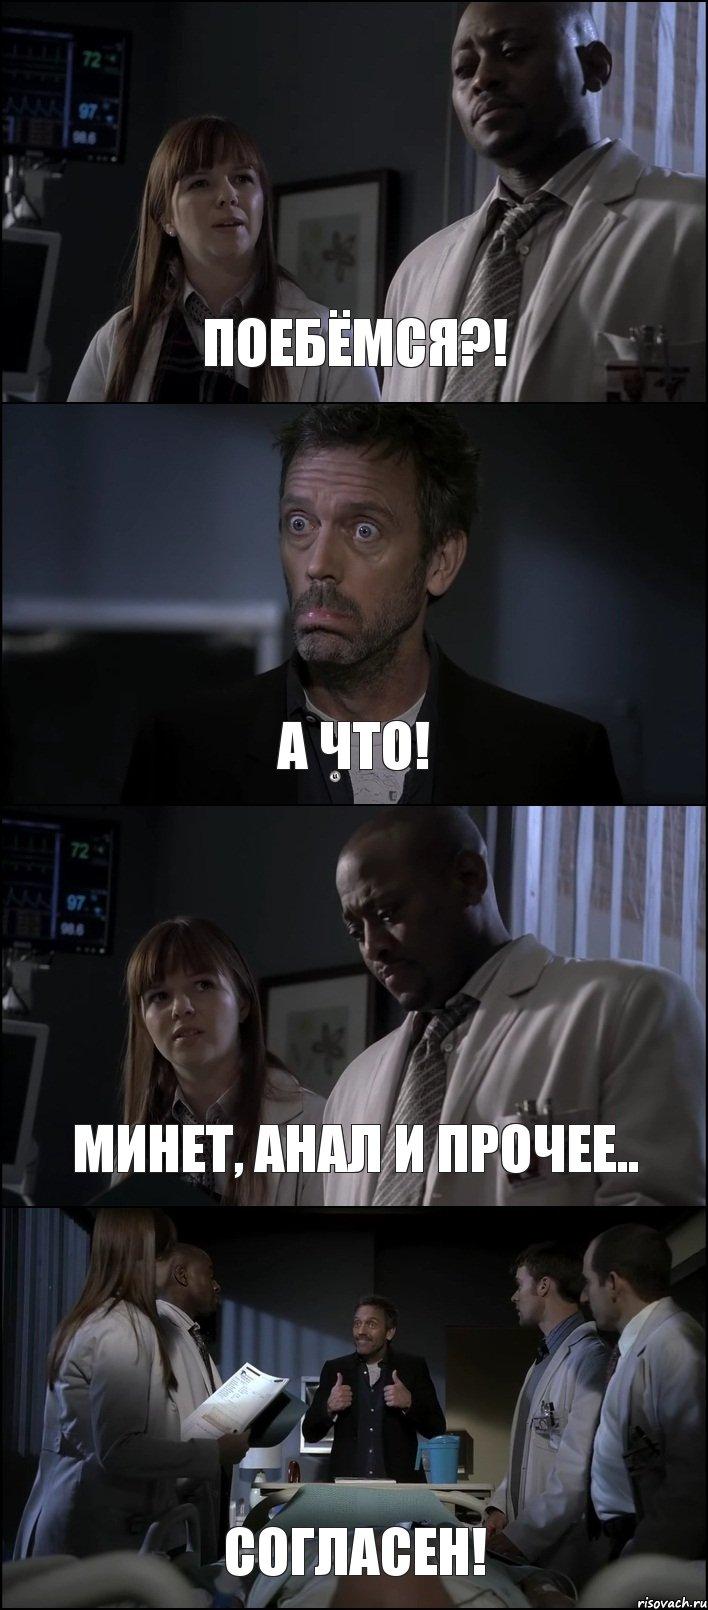 a-sluchilsya-anal-pornuha-kartinki-zhenshin-s-lifchikami-i-bez